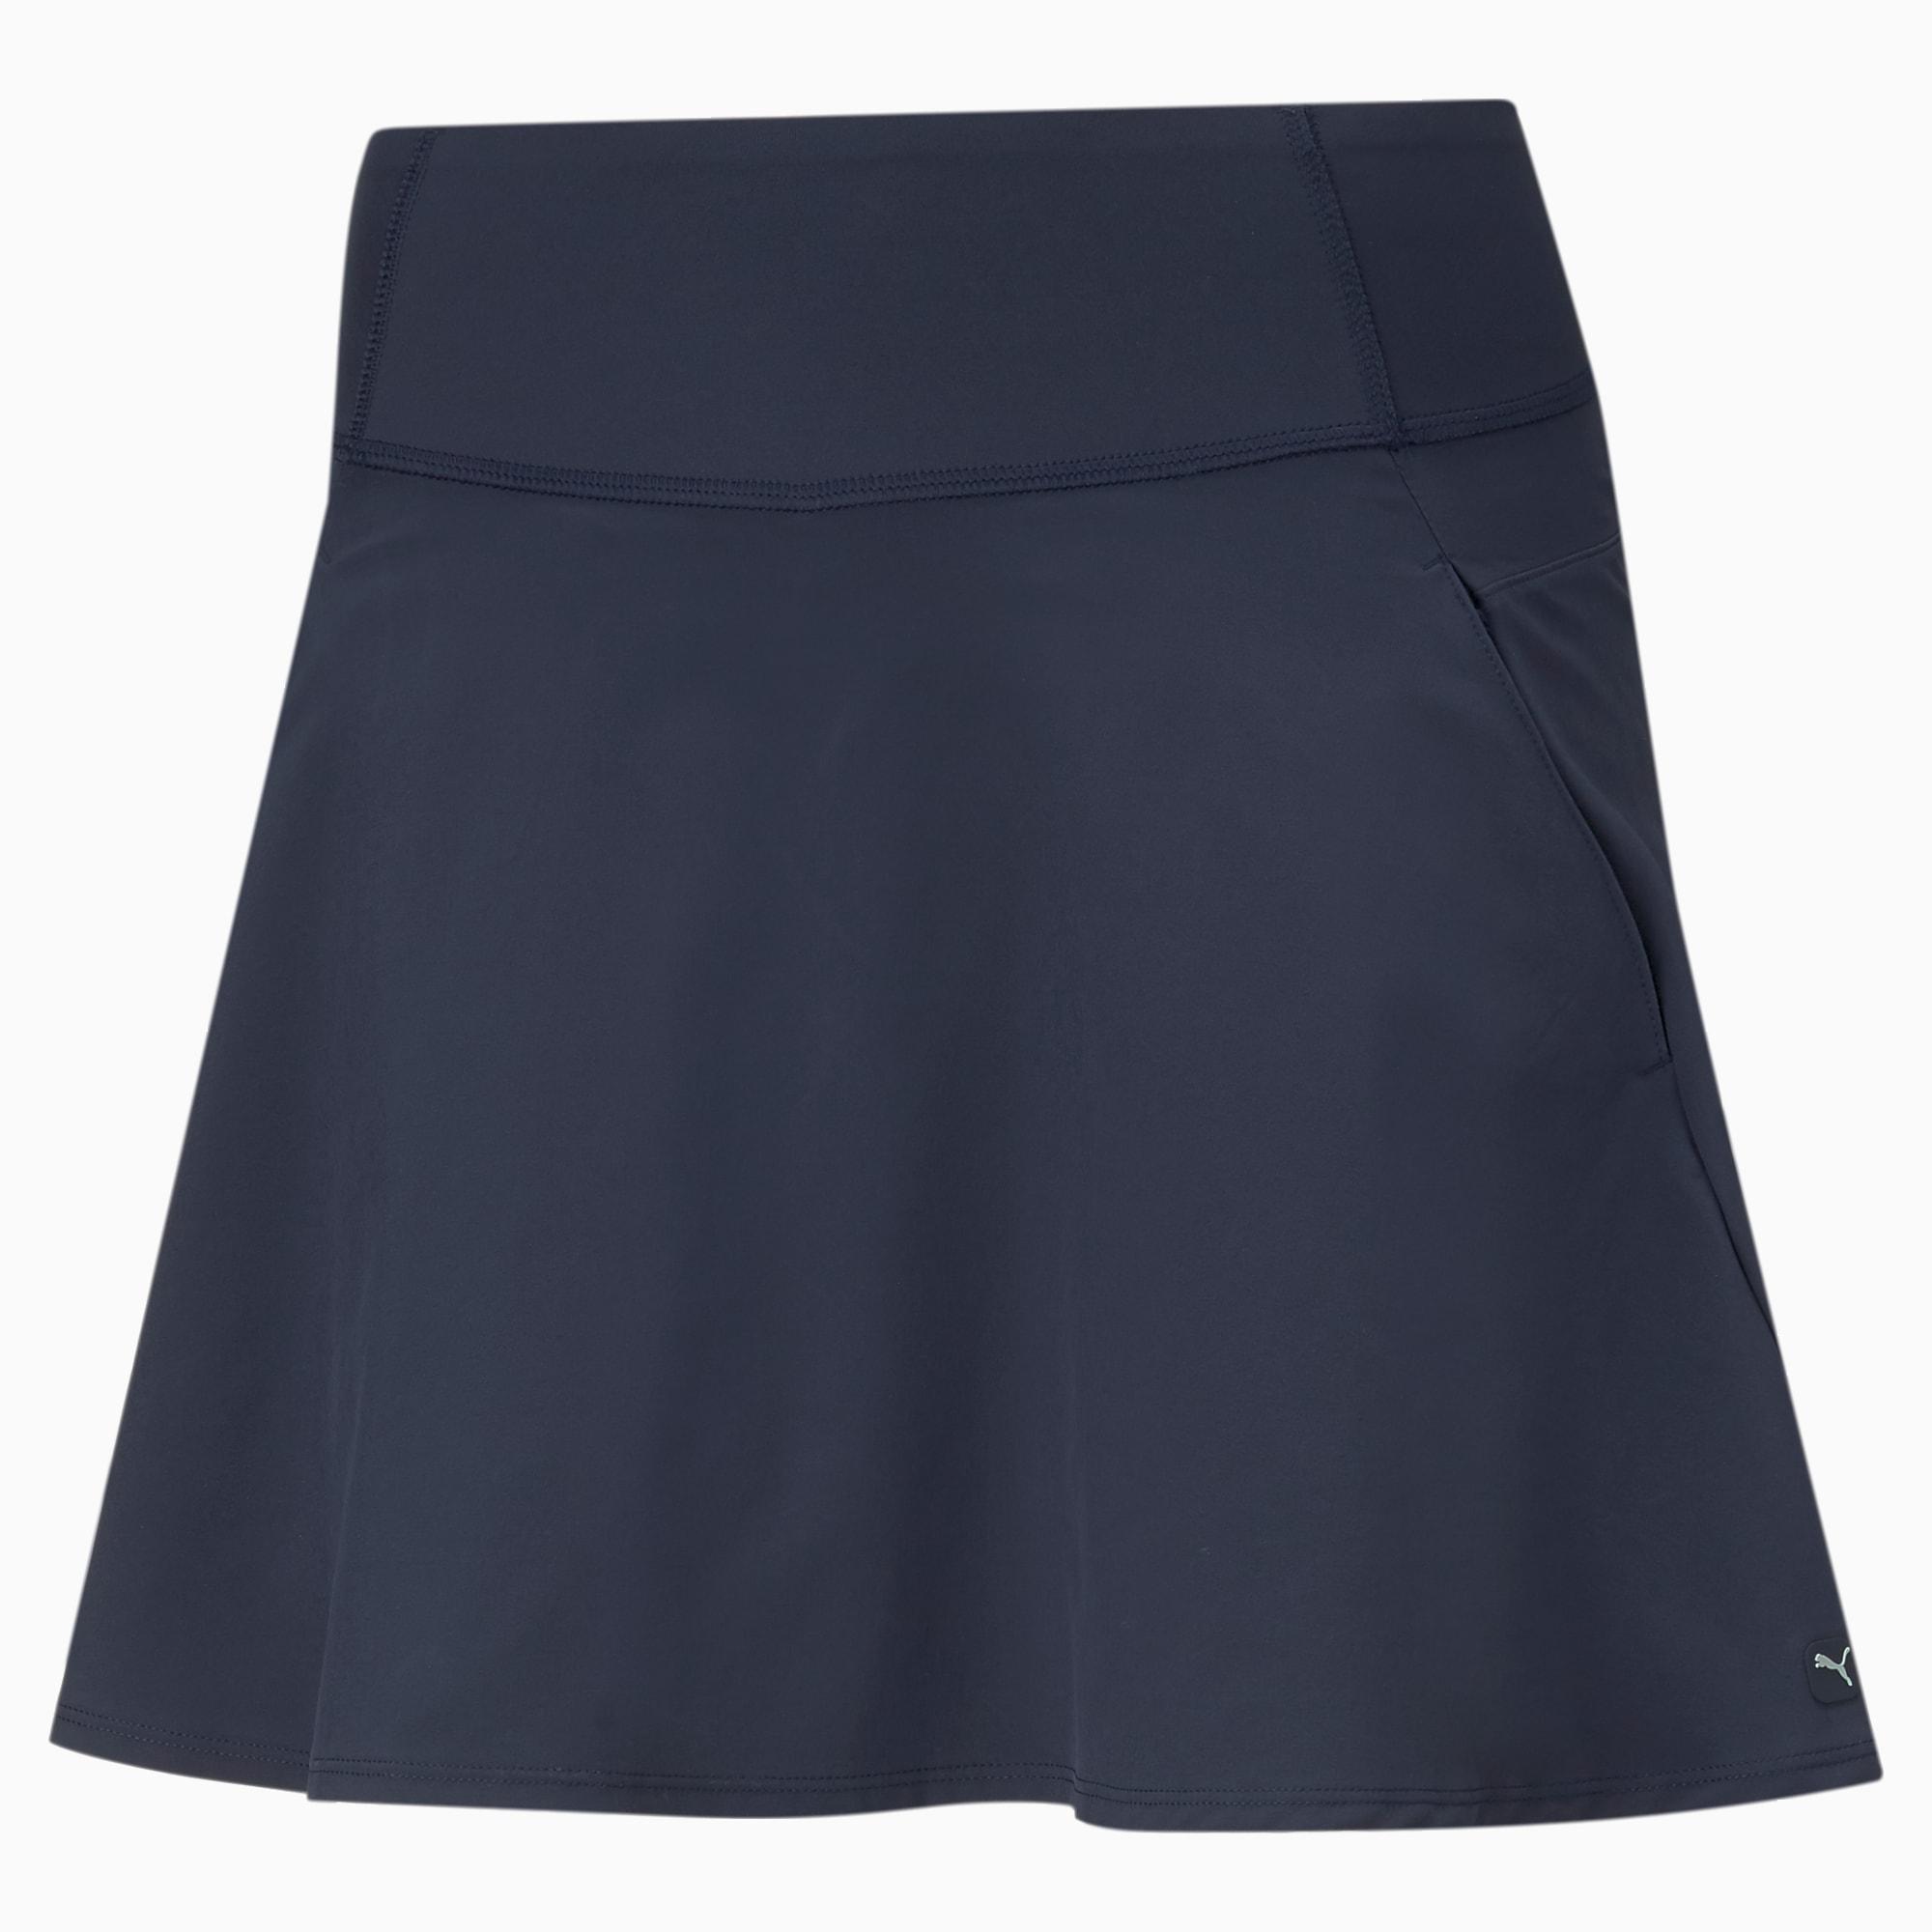 Jupe de golf tissée PWRSHAPE Solid, Bleu, Taille L, Vêtements - PUMA - Modalova